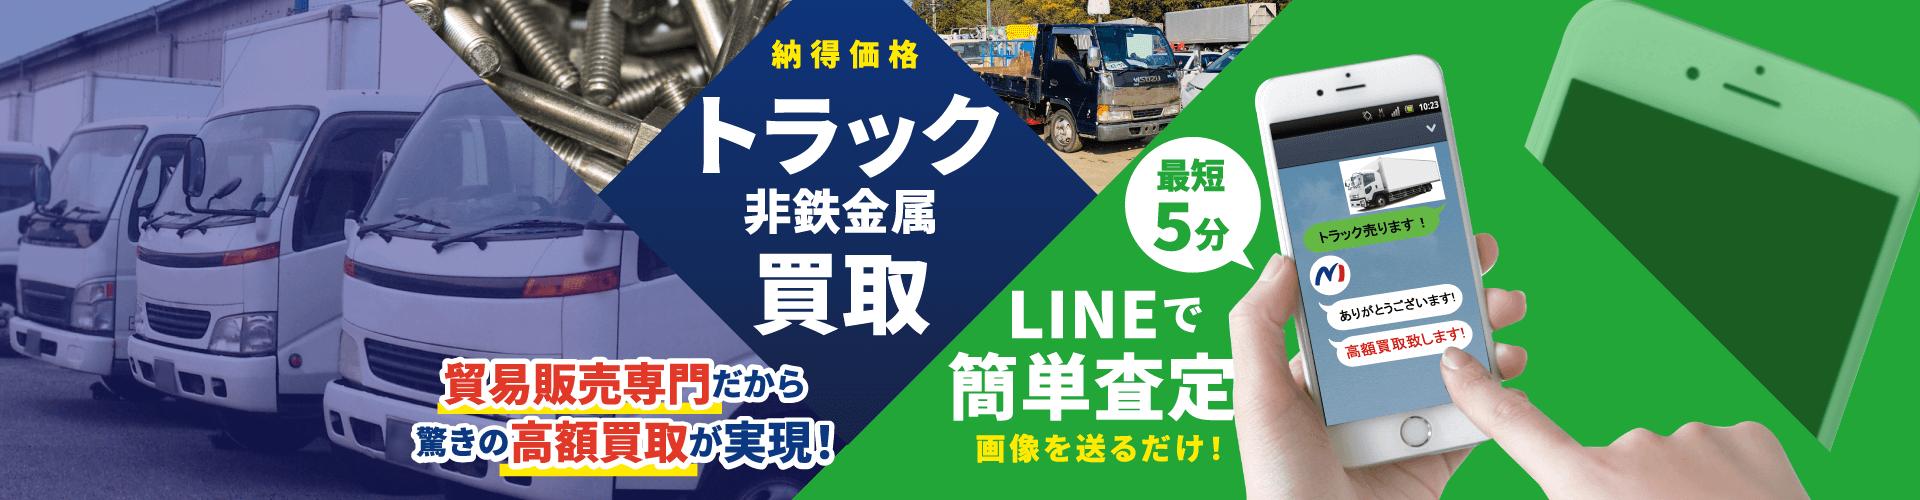 納得価格 トラック・非鉄金属買取